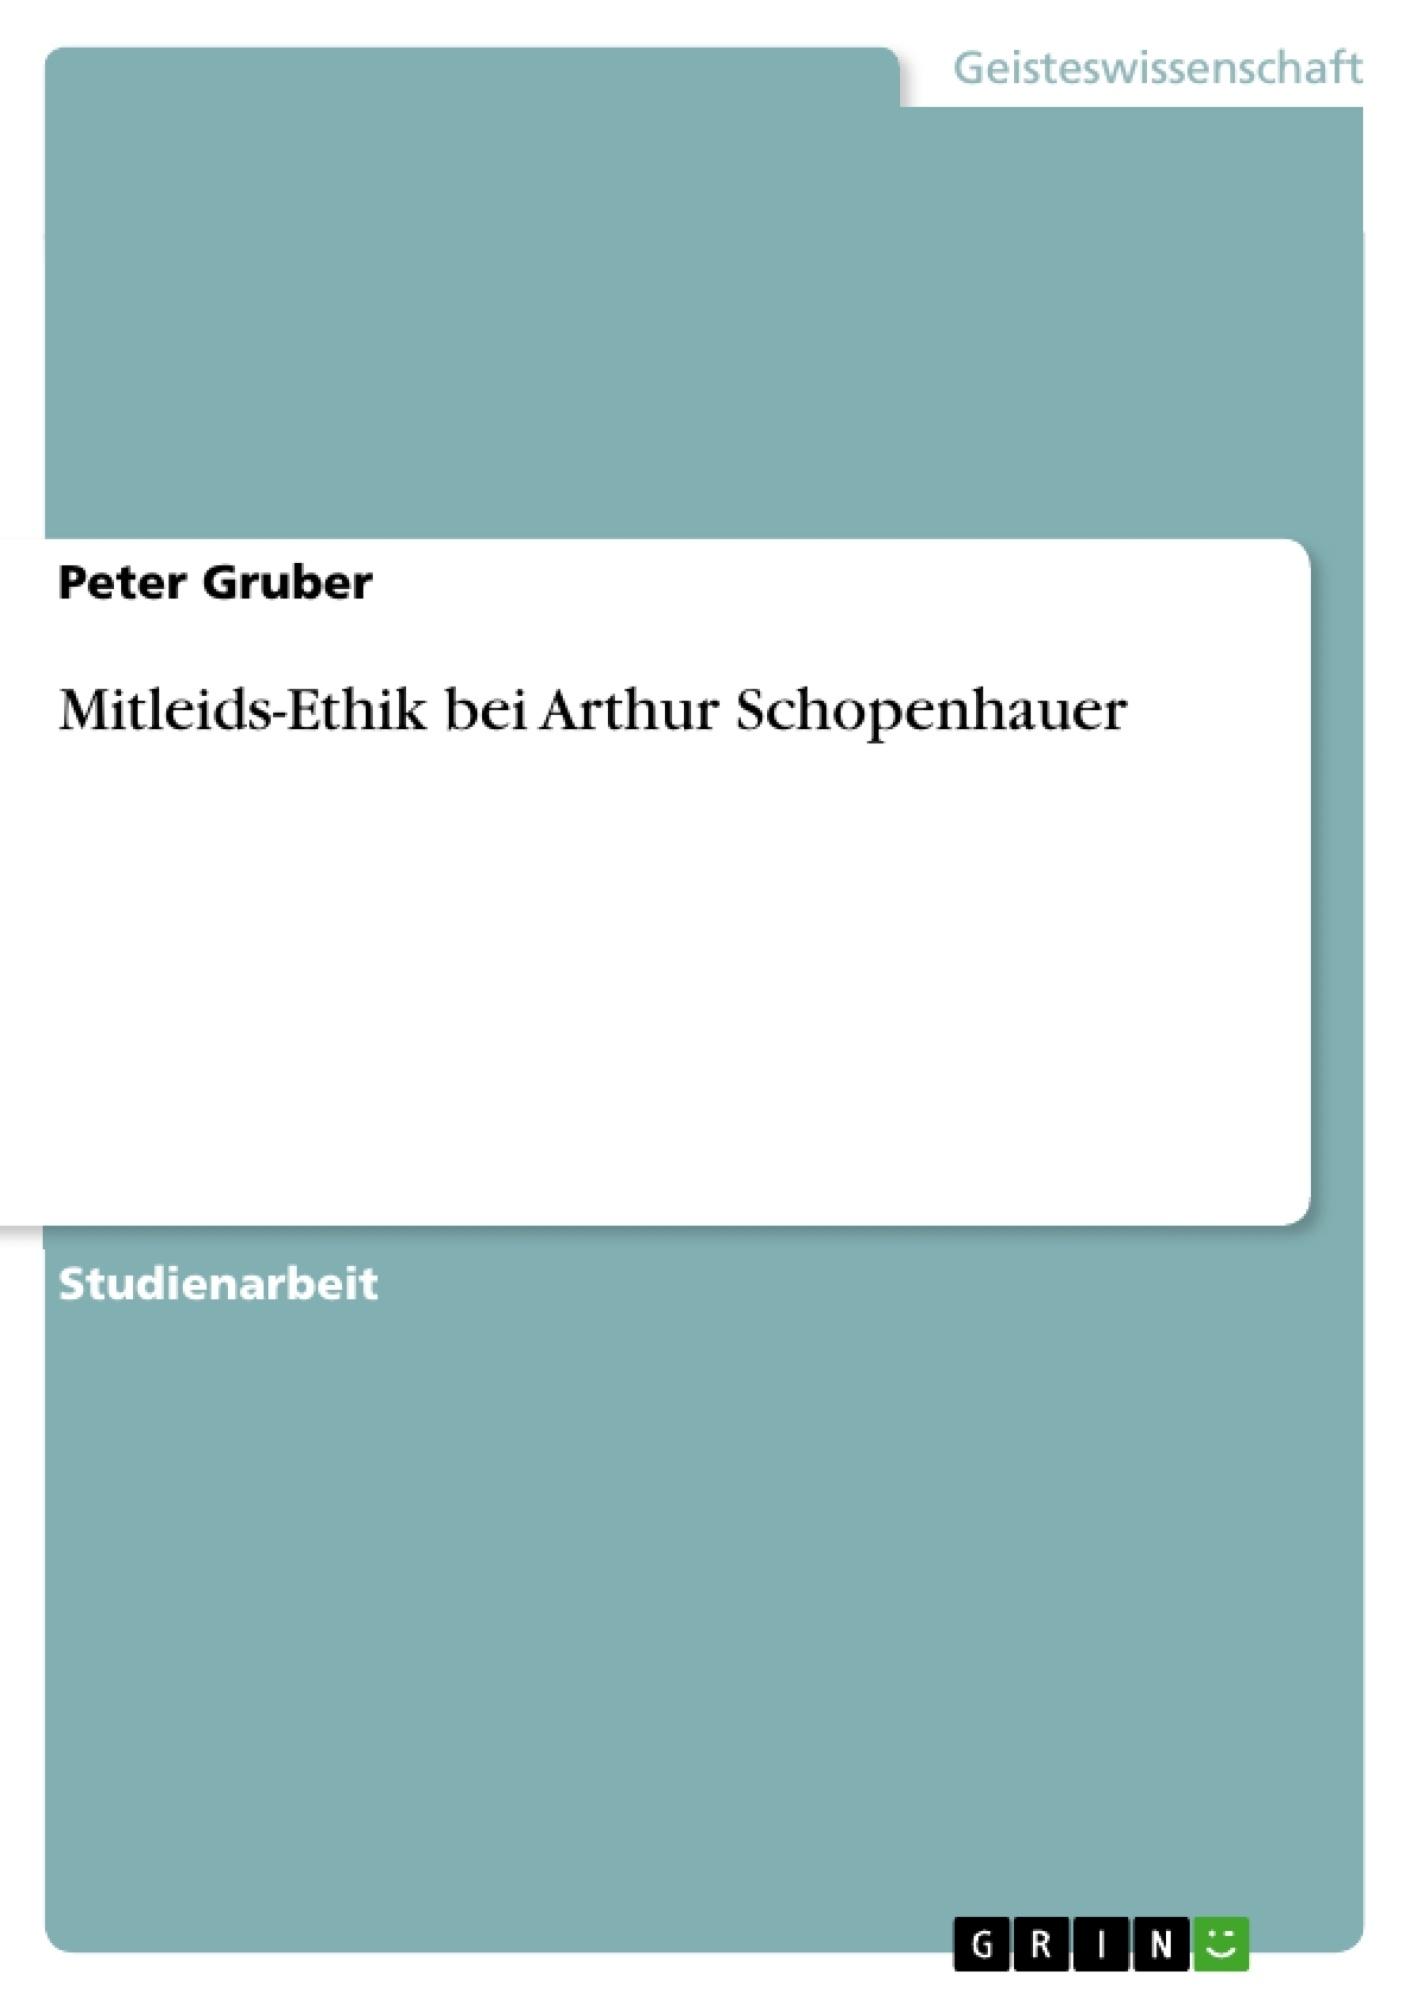 Titel: Mitleids-Ethik bei Arthur Schopenhauer